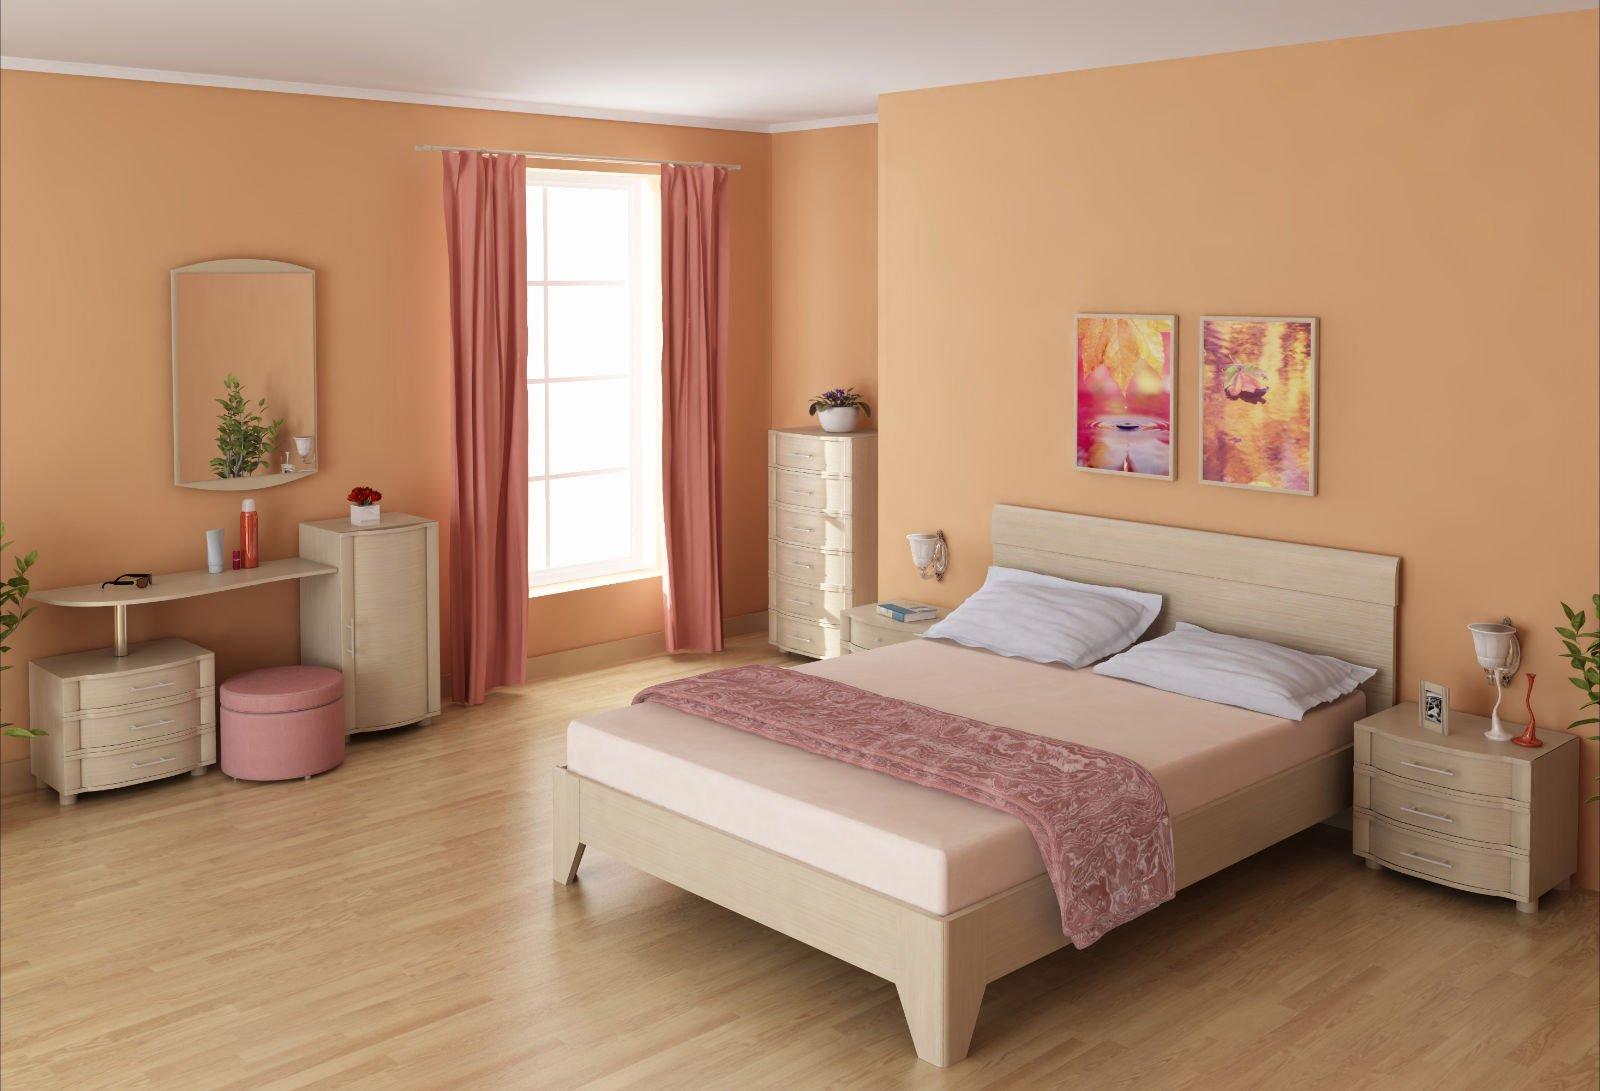 Беленый дуб в интерьере спальни